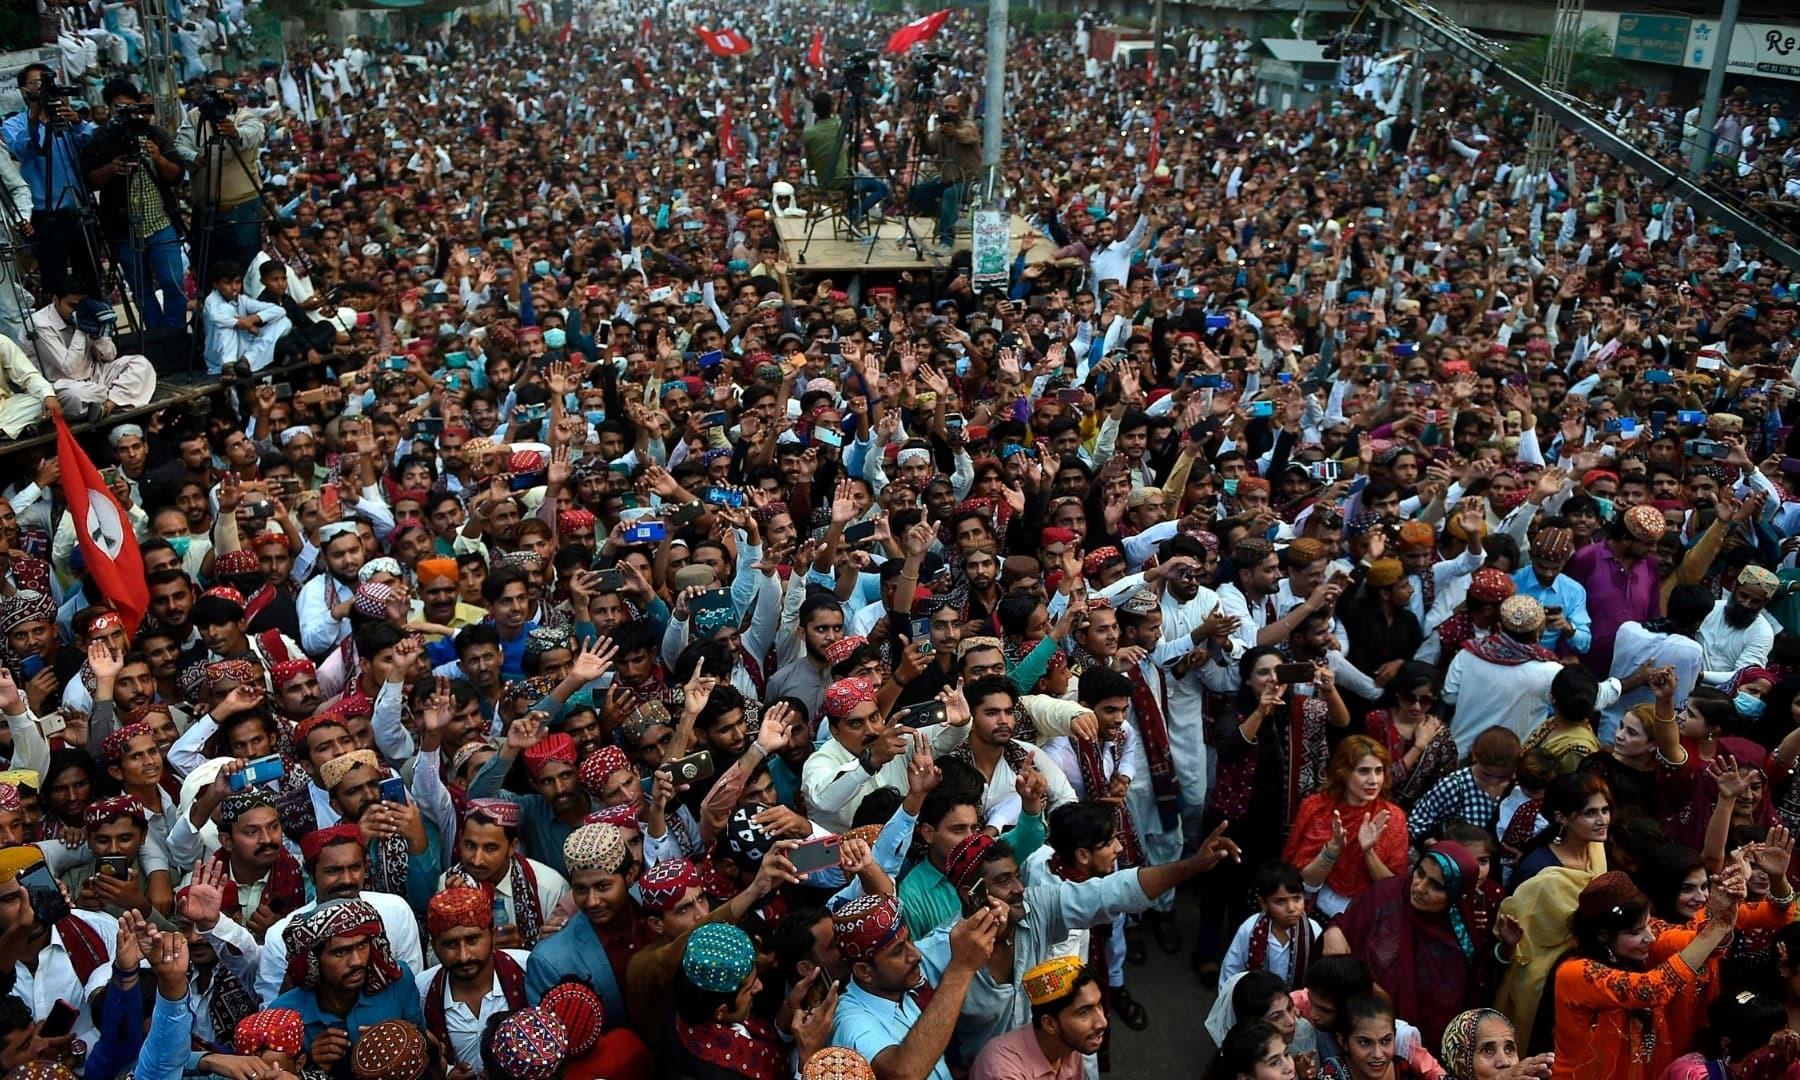 لوگوں کی بڑی تعداد نے مختلف علاقوں میں جشن منایا—فوٹو: اے ایف پی